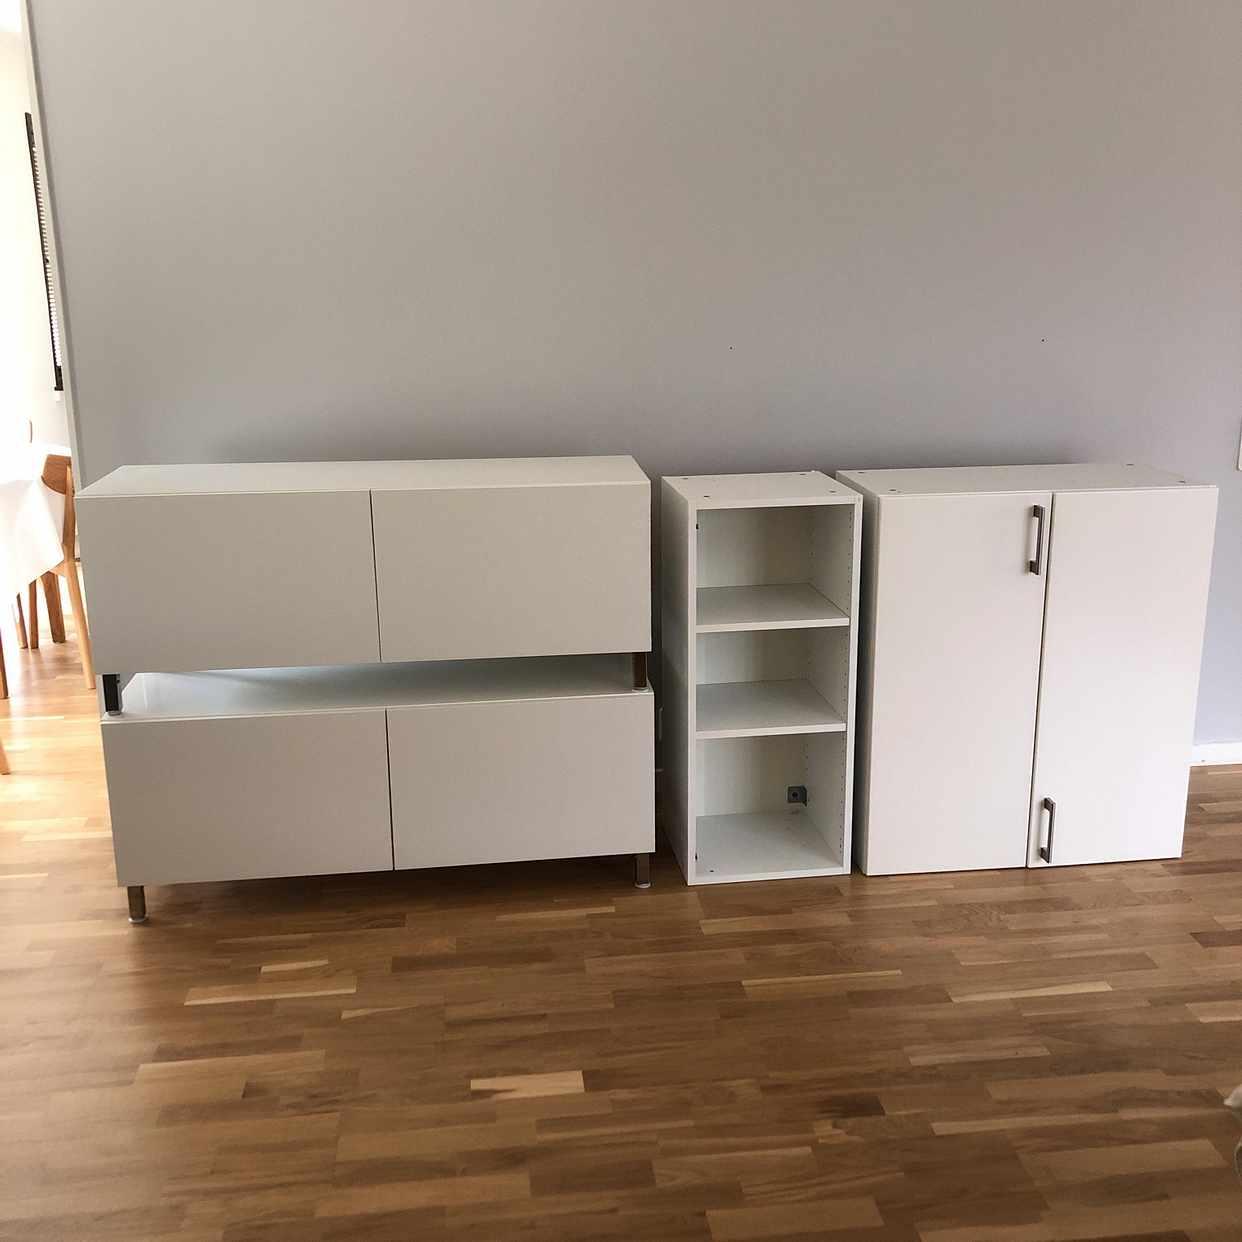 image of 2 Ikea Bestå 2 köksskåp - Täby